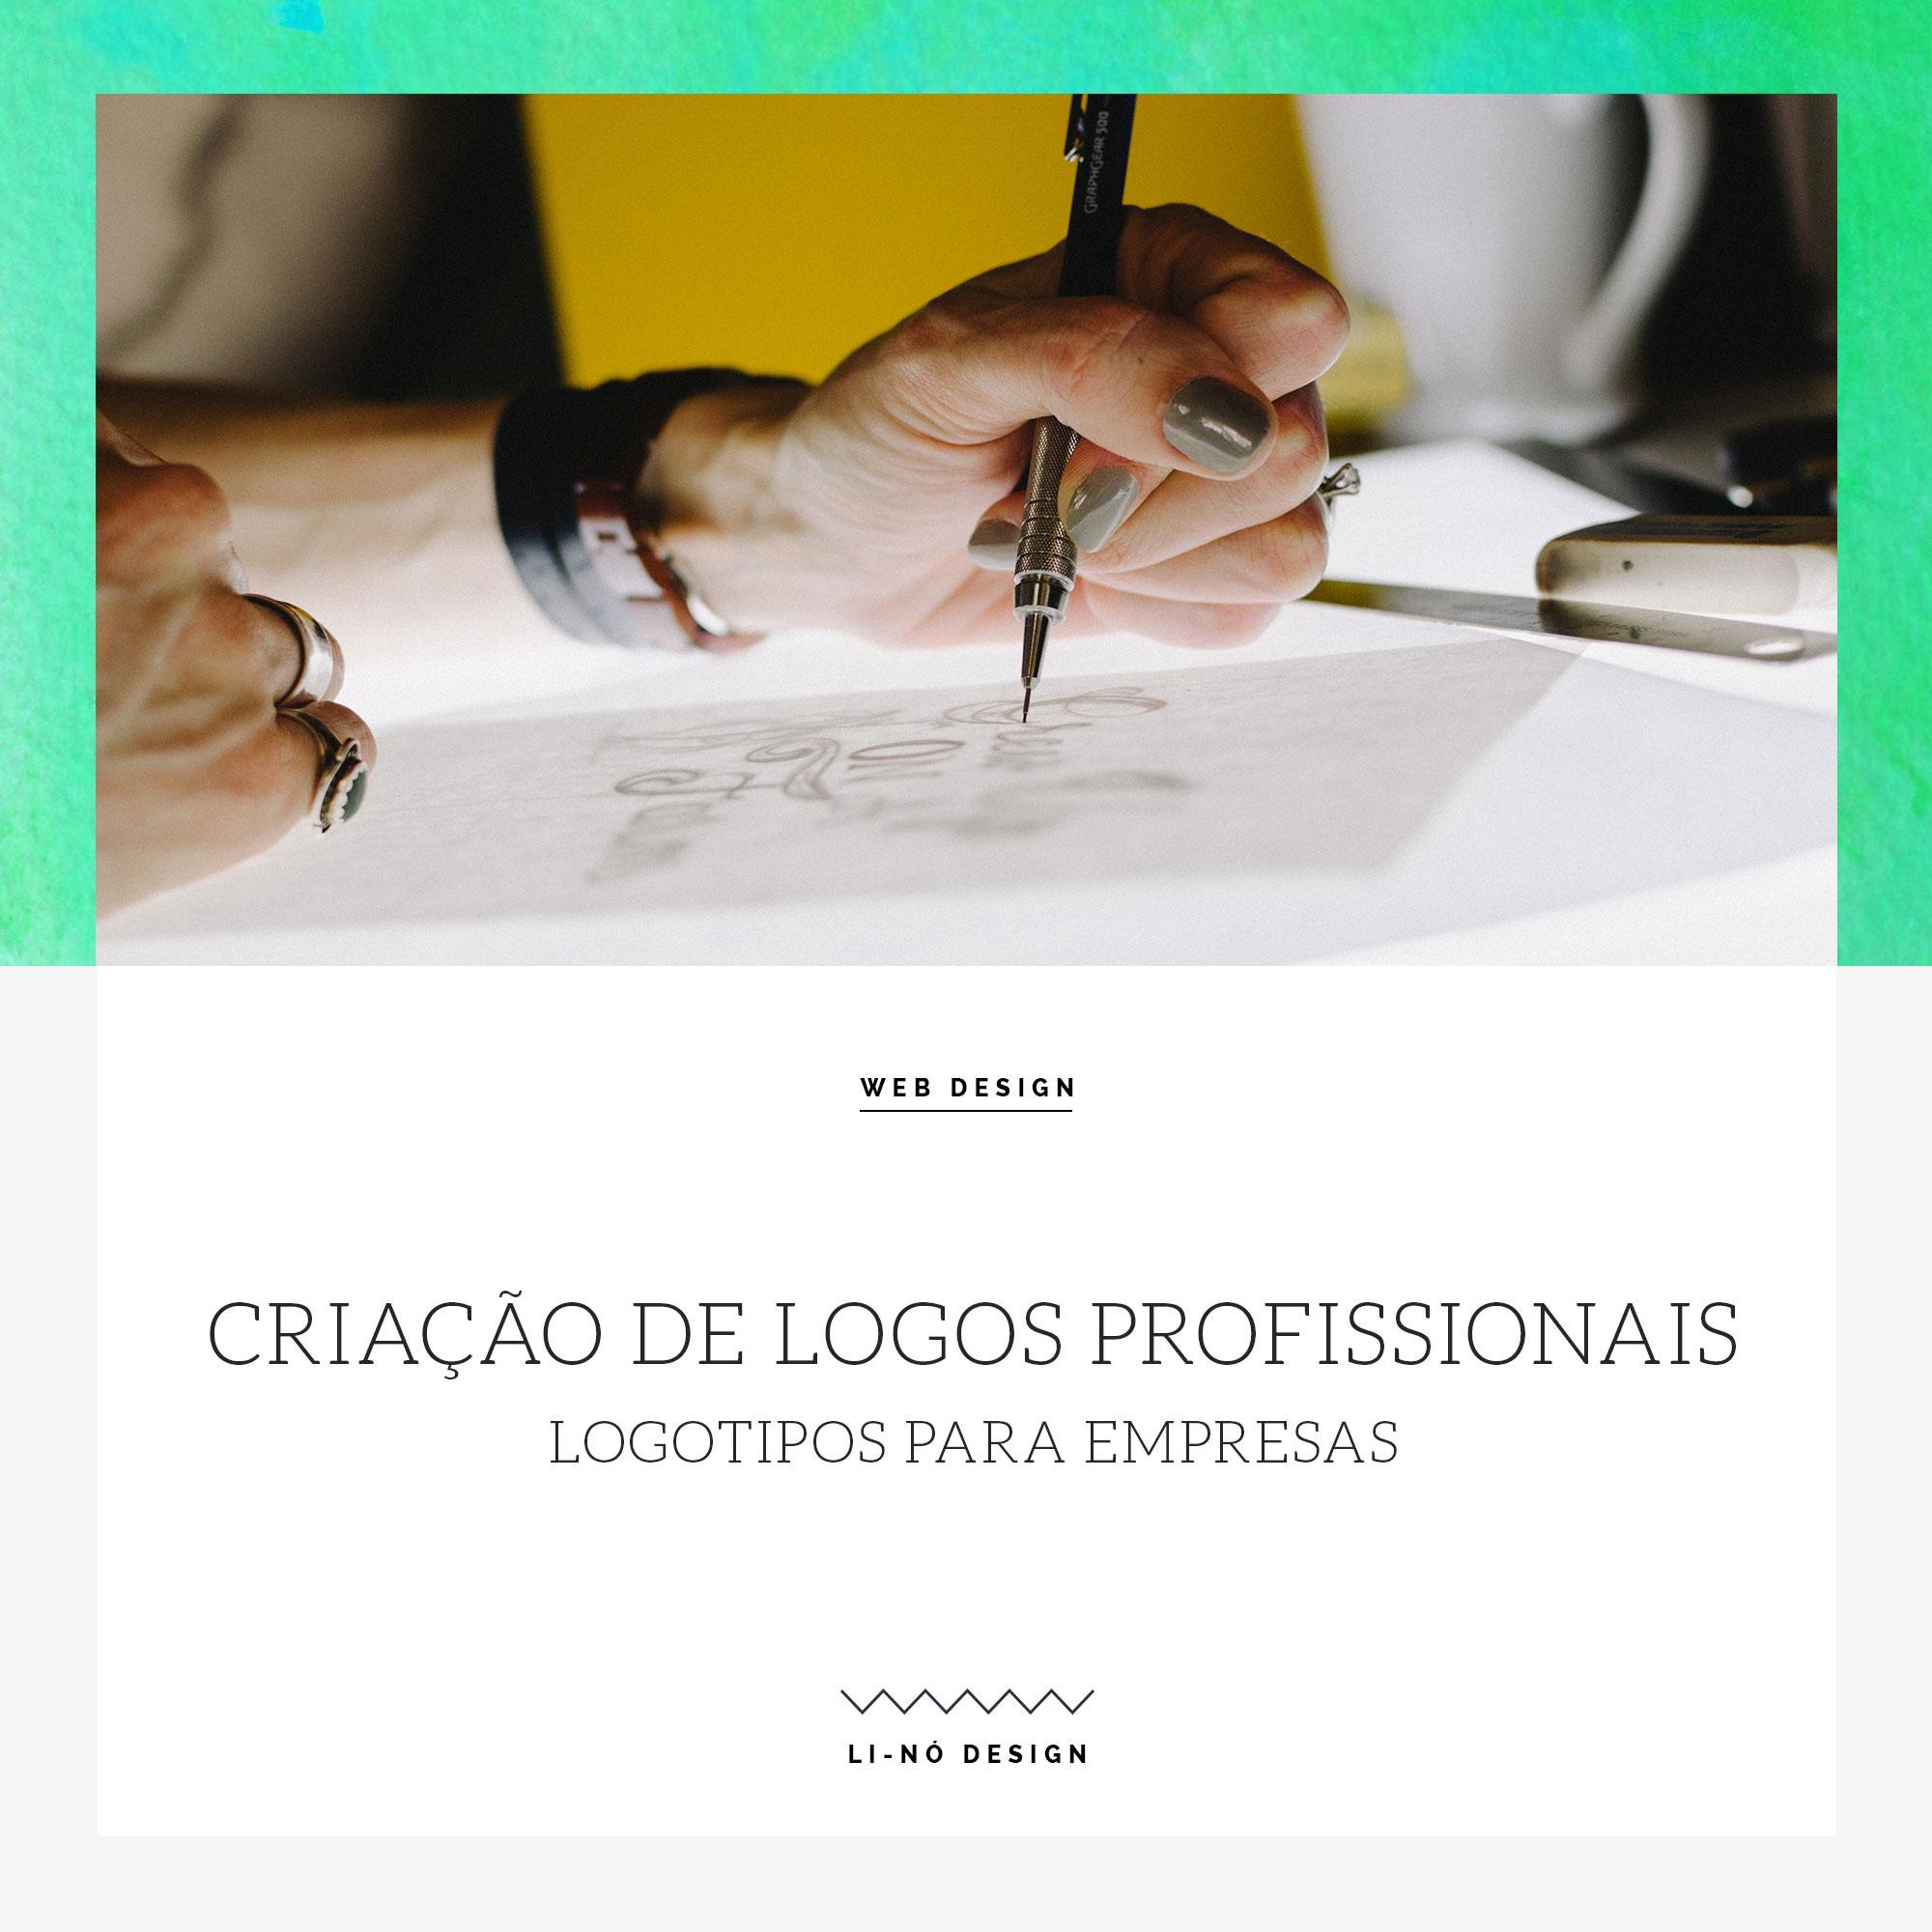 Criação de logos profissionais